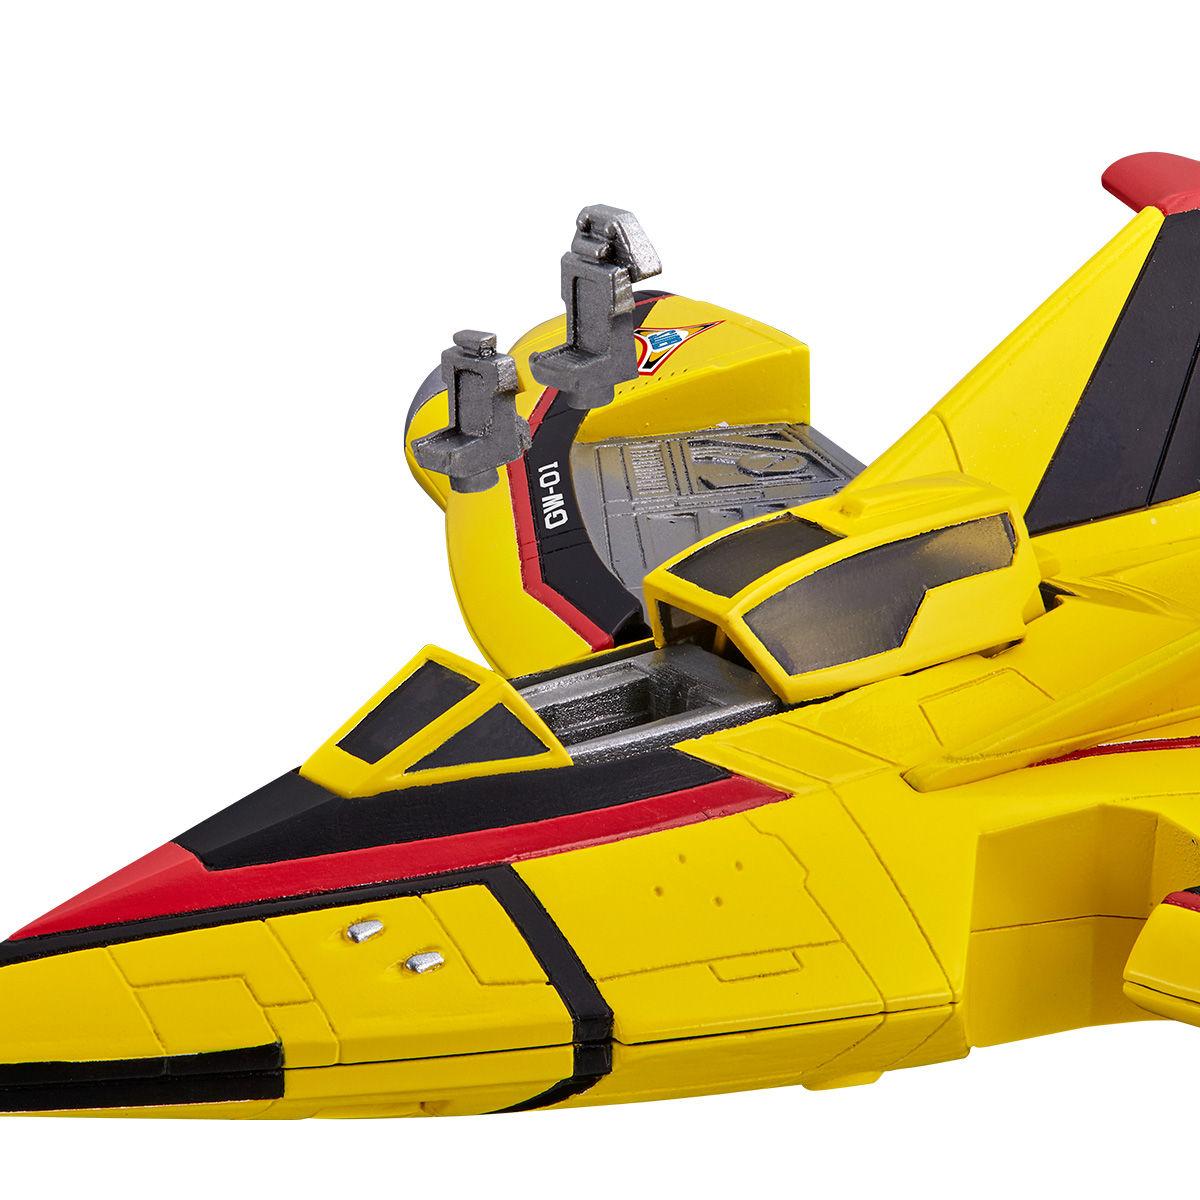 ウルトラリバイブ『ガッツウイング1号』ウルトラマンティガ 完成品モデル-009